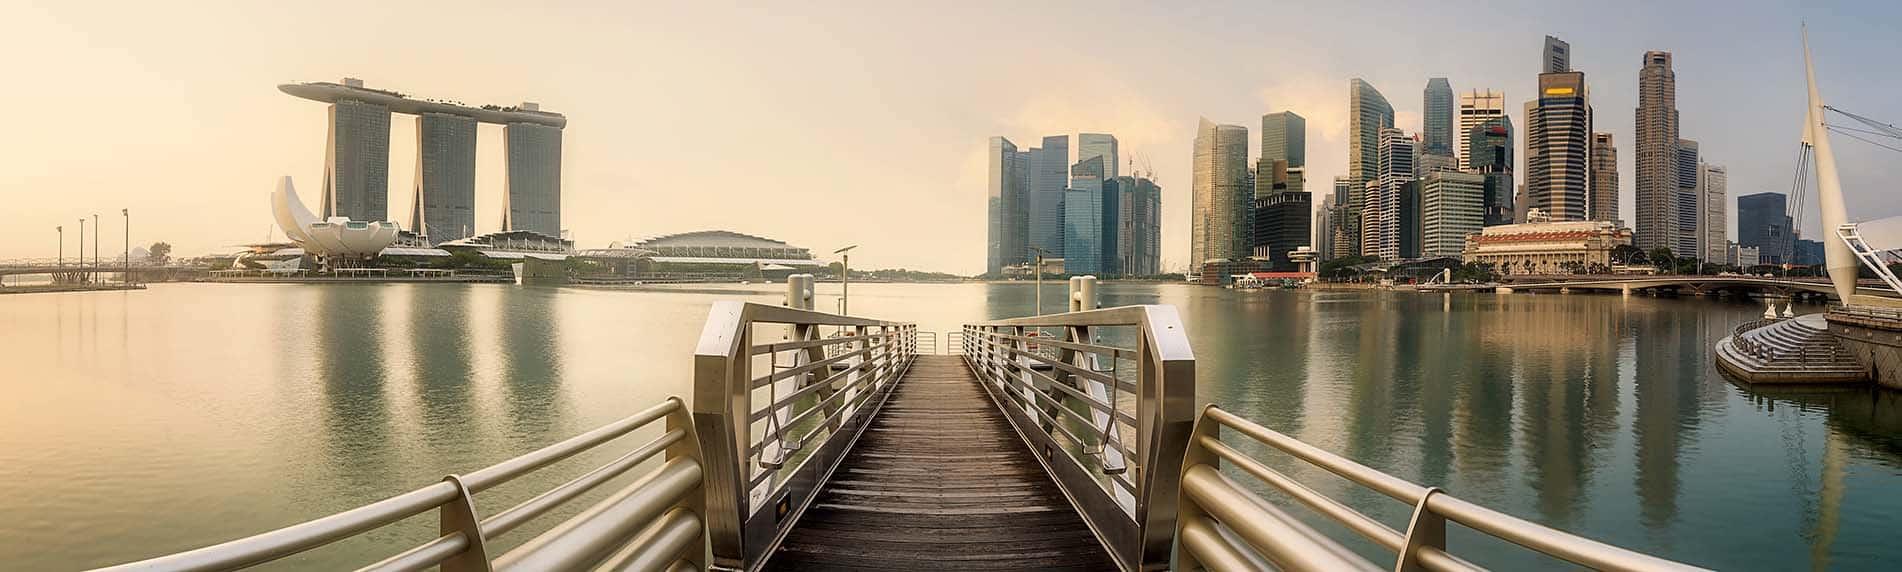 Singapore City Tour With Guide Bg